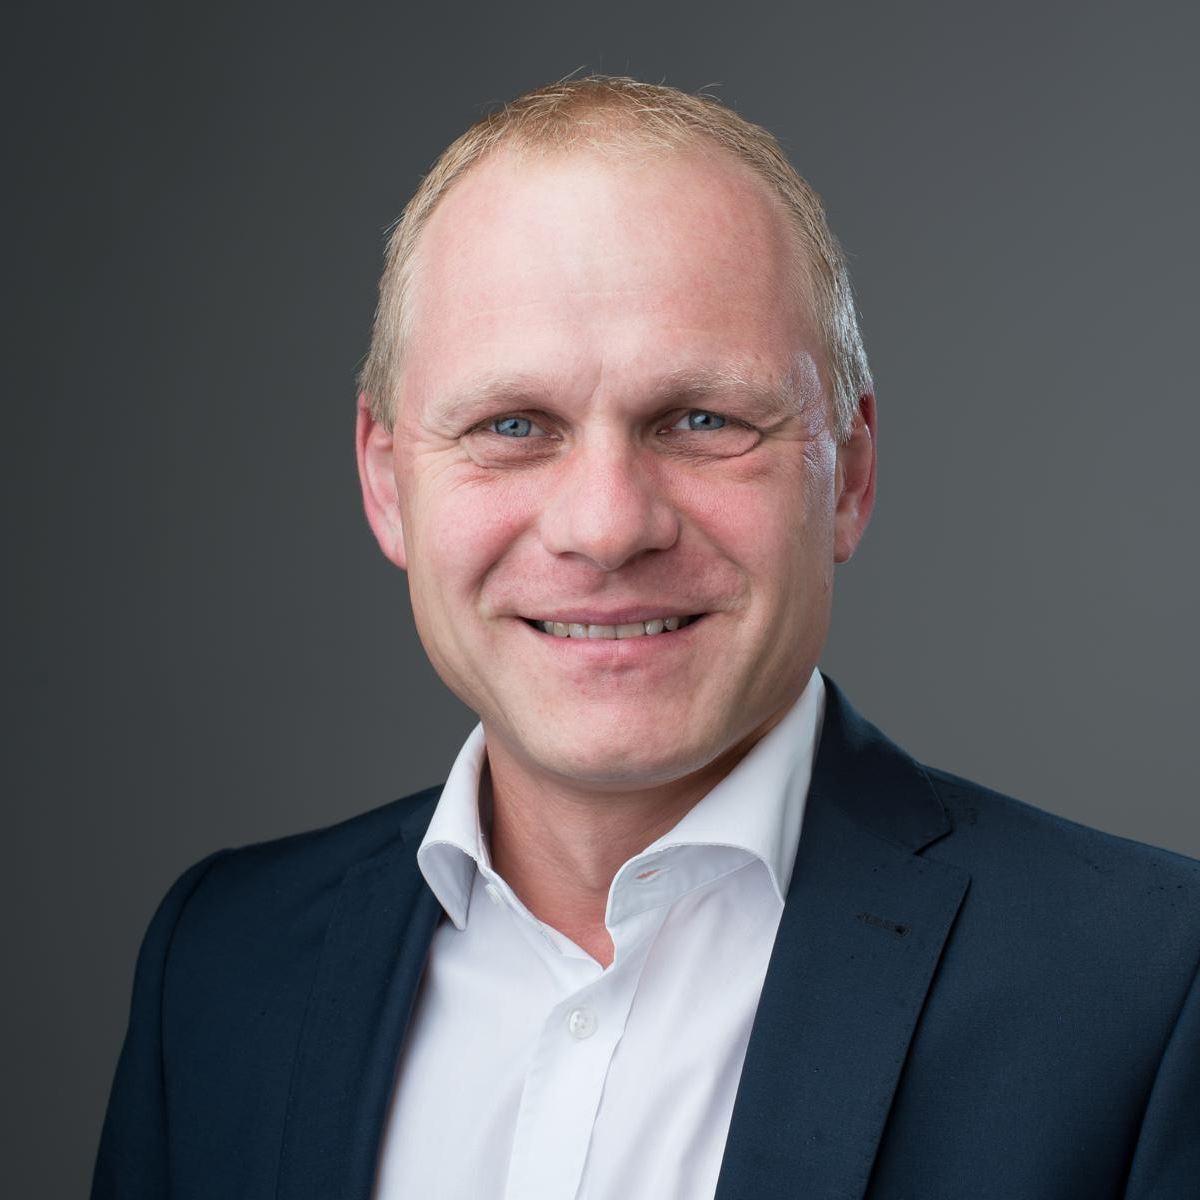 Ing. Andreas Gundacker, uPM